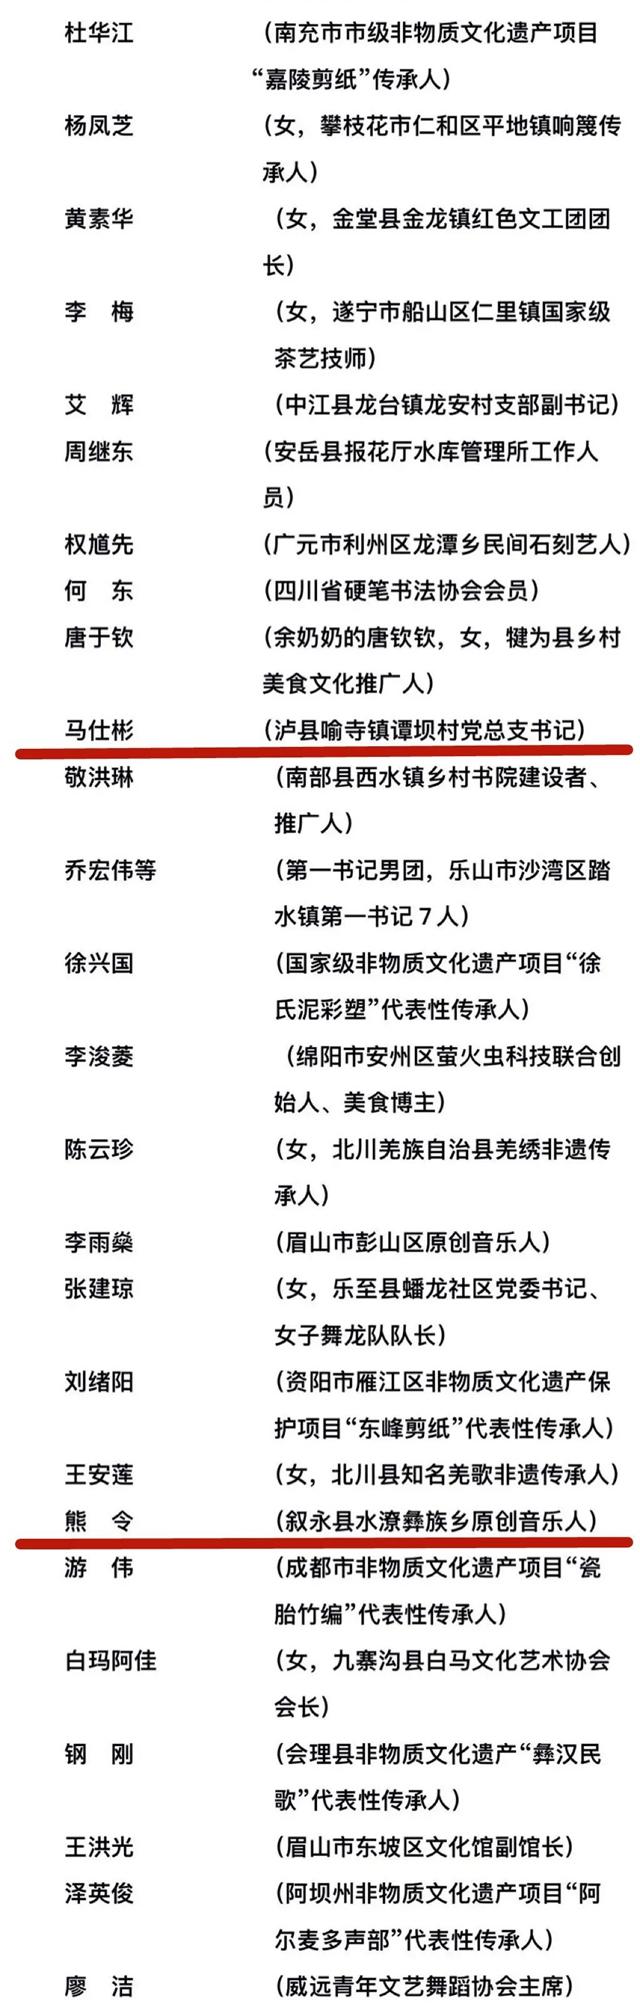 四川公布拟通报表扬名单!泸州这些魅力乡镇、乡土文化能人上榜(图5)